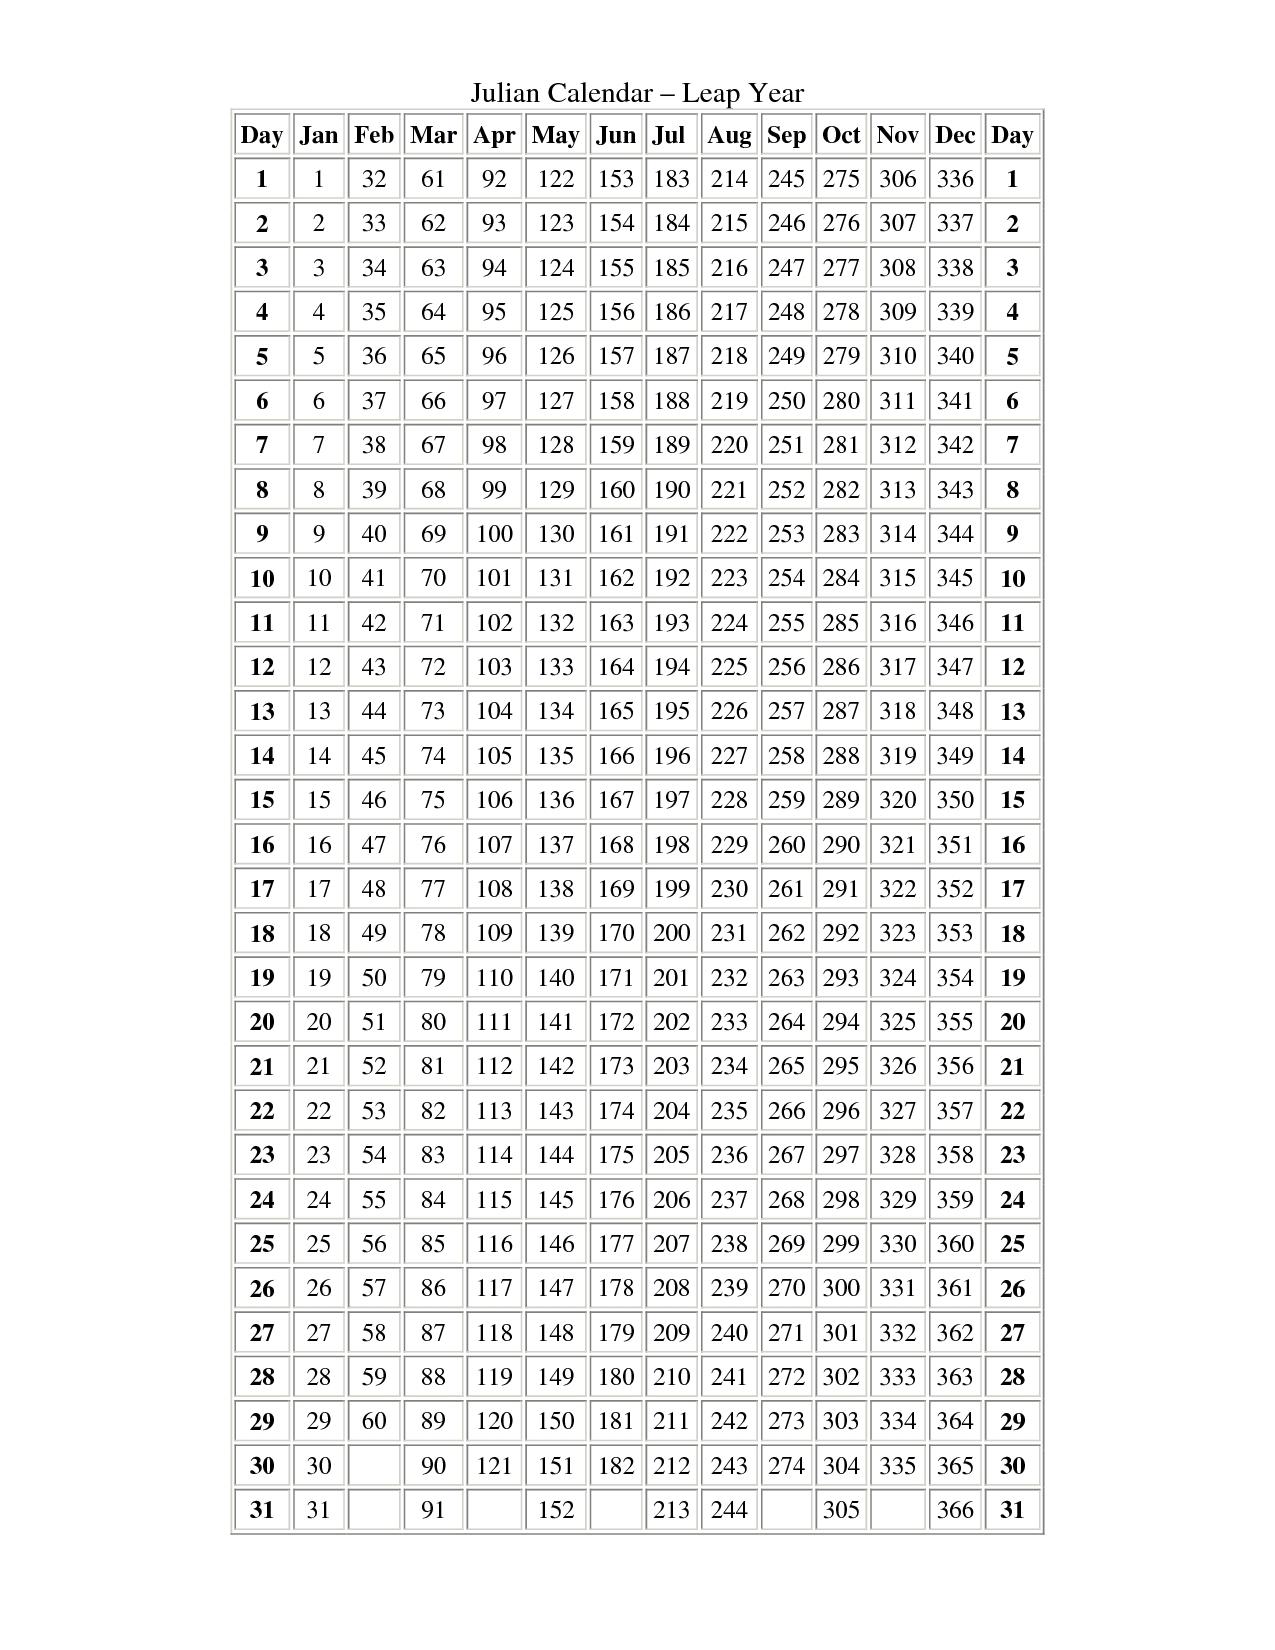 Julian Calendar No Leap Year - Calendar Inspiration Design with regard to Julian Calendar 2022 Leap Year